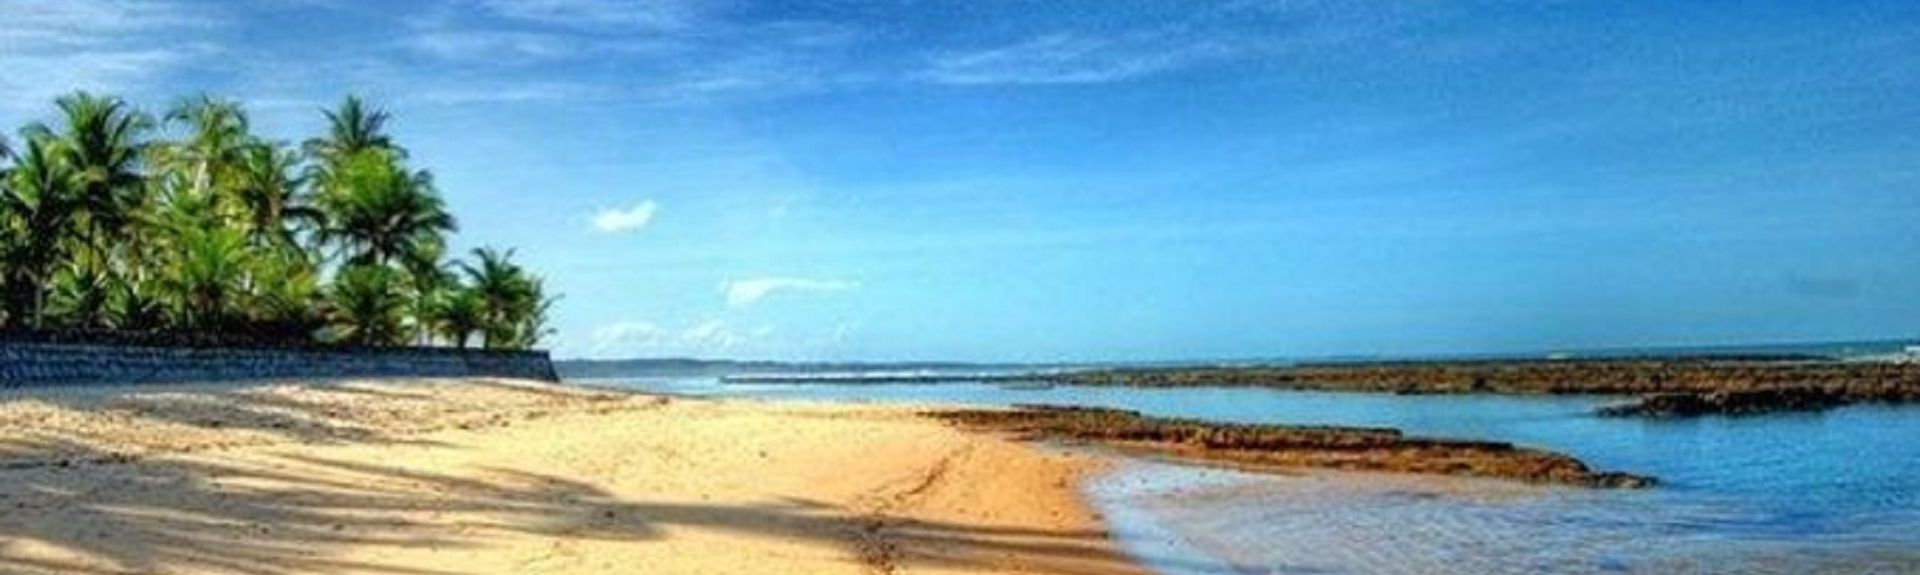 Arraial d'Ajuda, Porto Seguro, Bahia, Brasil